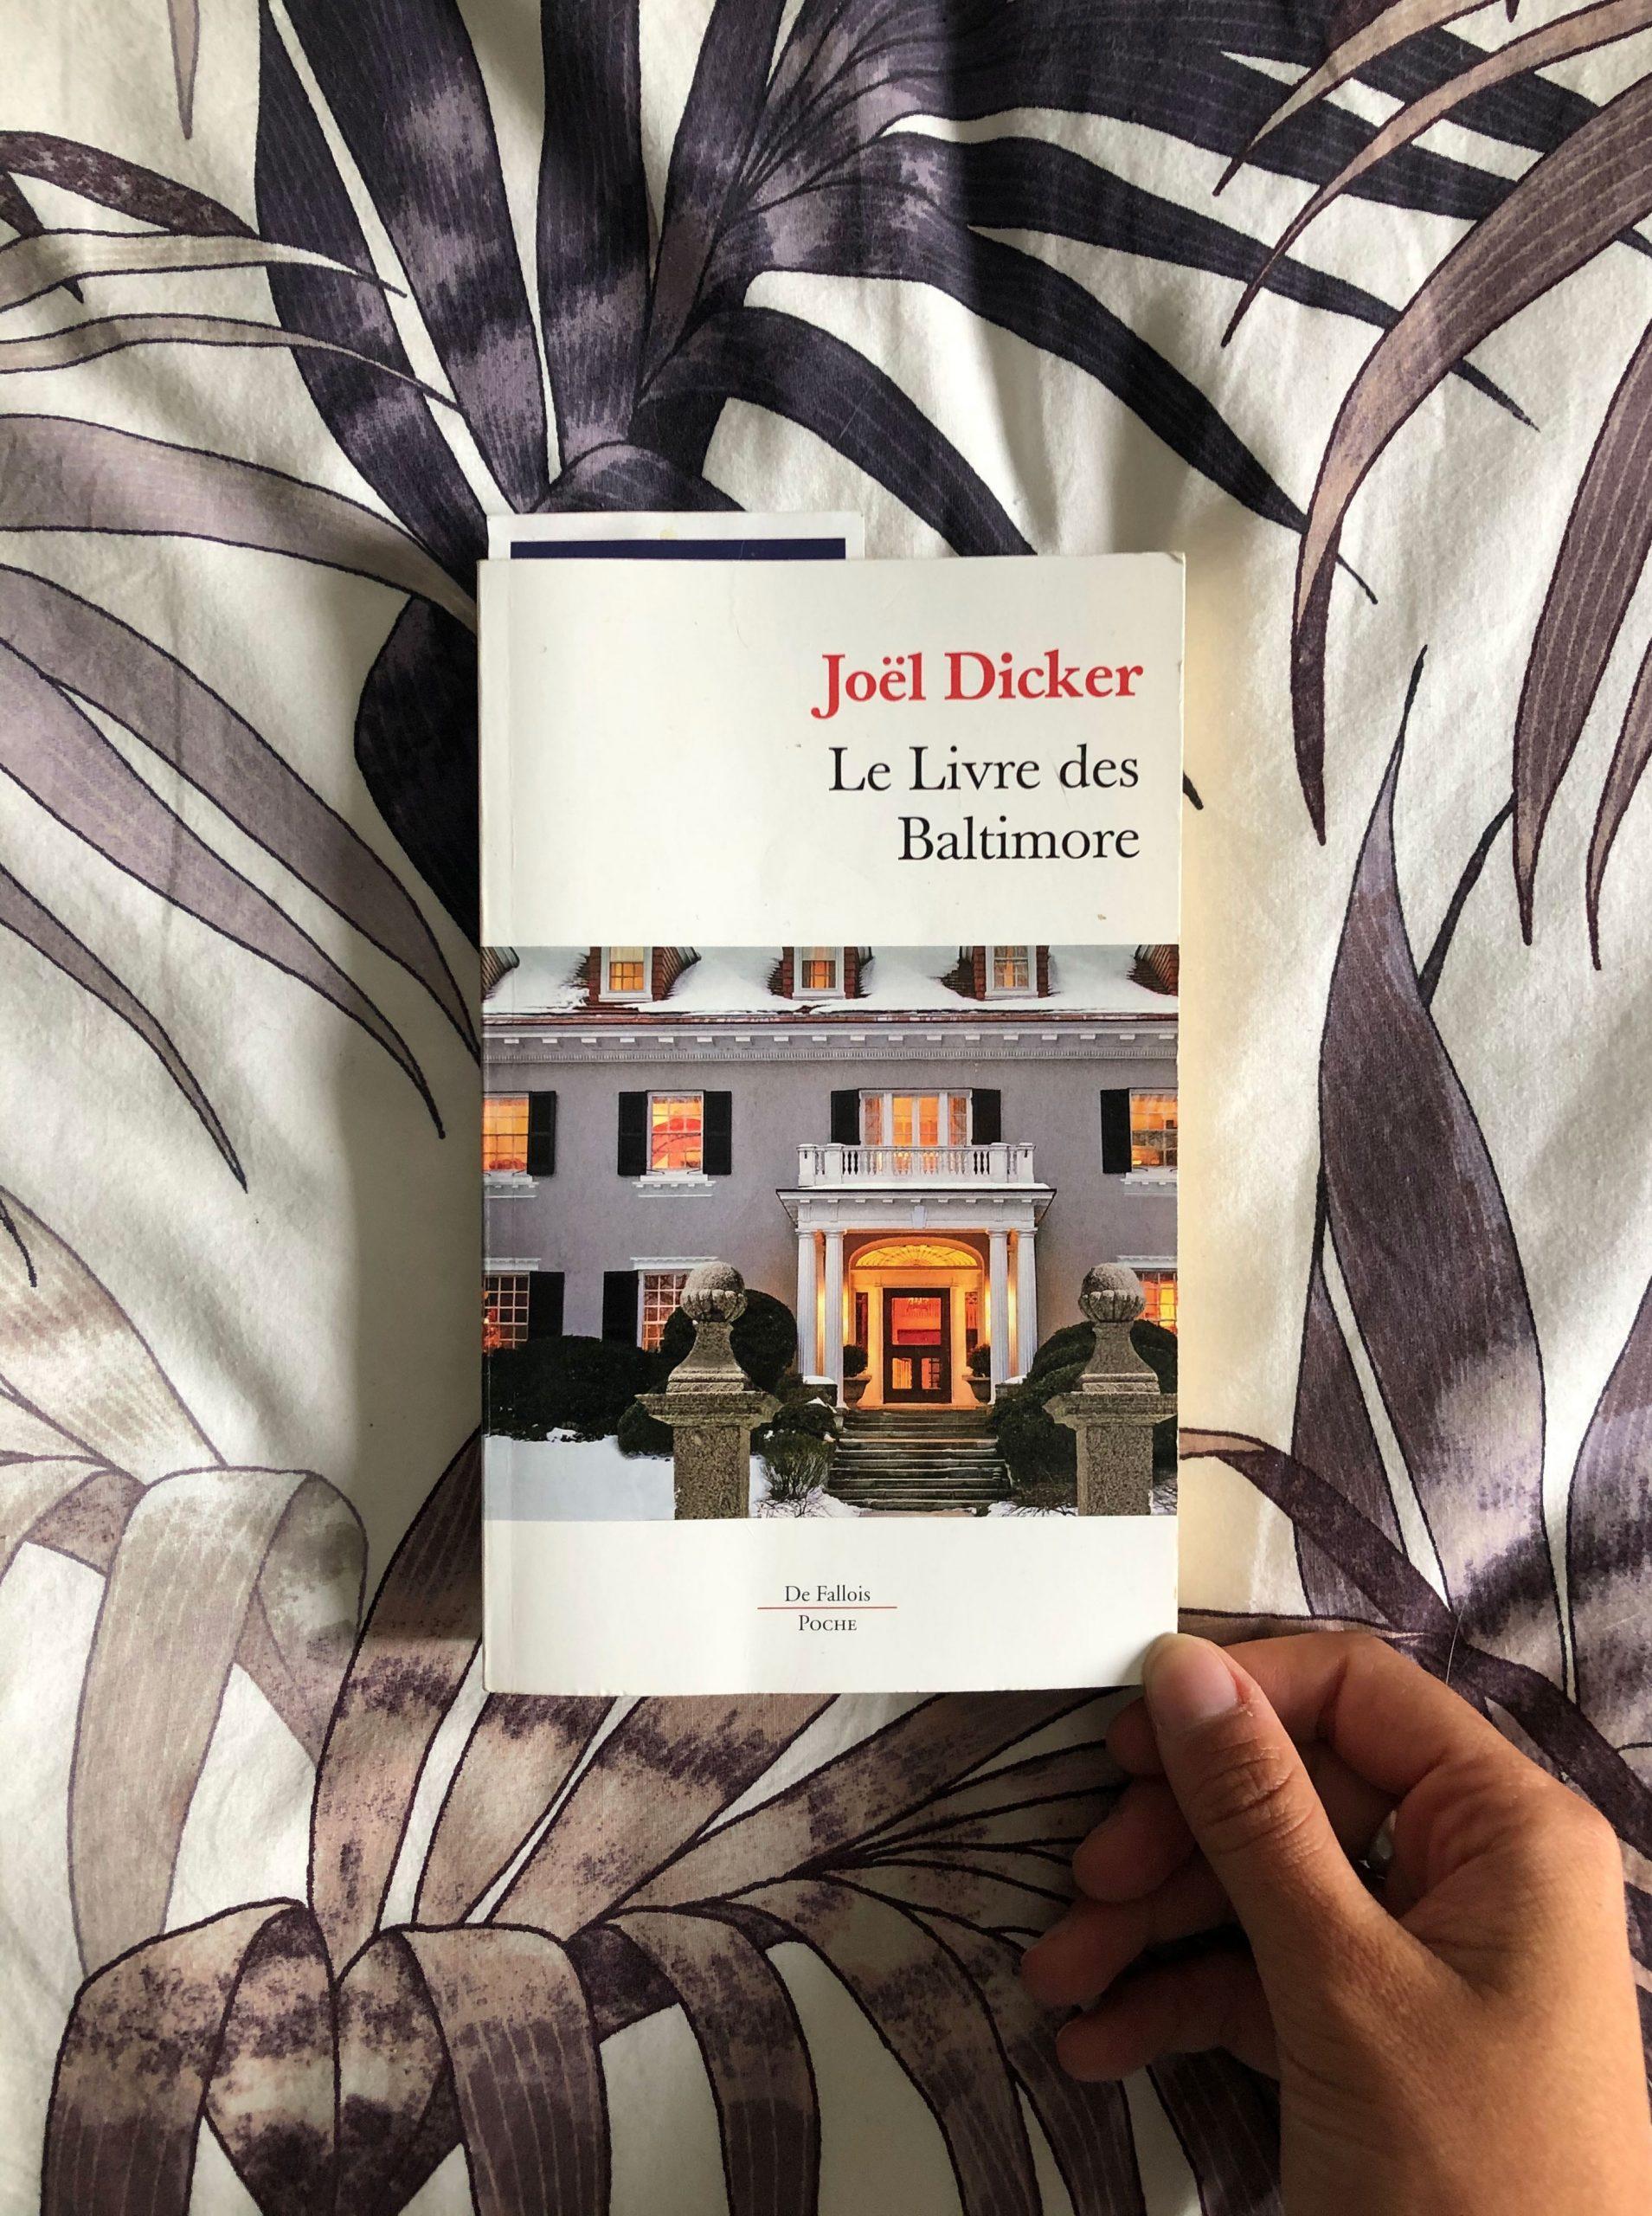 July Book Club 2020 : Le livre des Baltimore de Joël Dicker